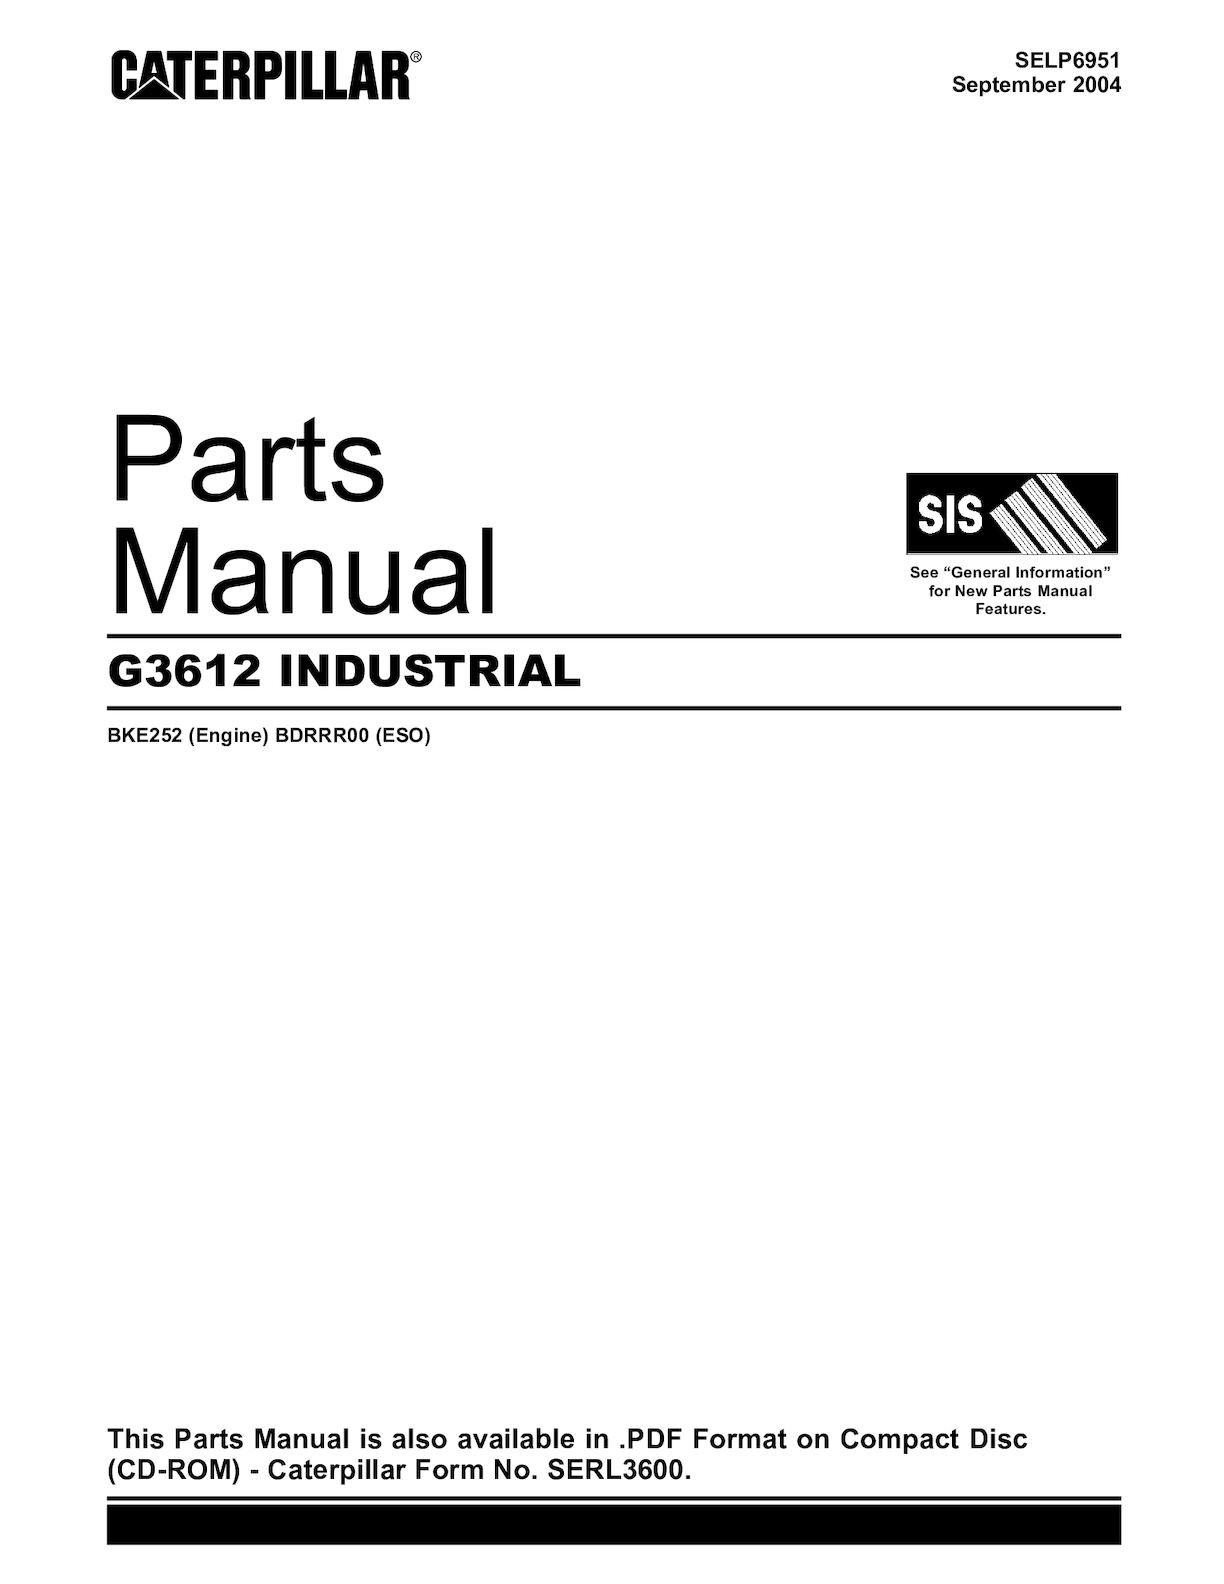 Caterpillar Engine Parts Diagram Calaméo Manual Parts Cat 3612 Of Caterpillar Engine Parts Diagram